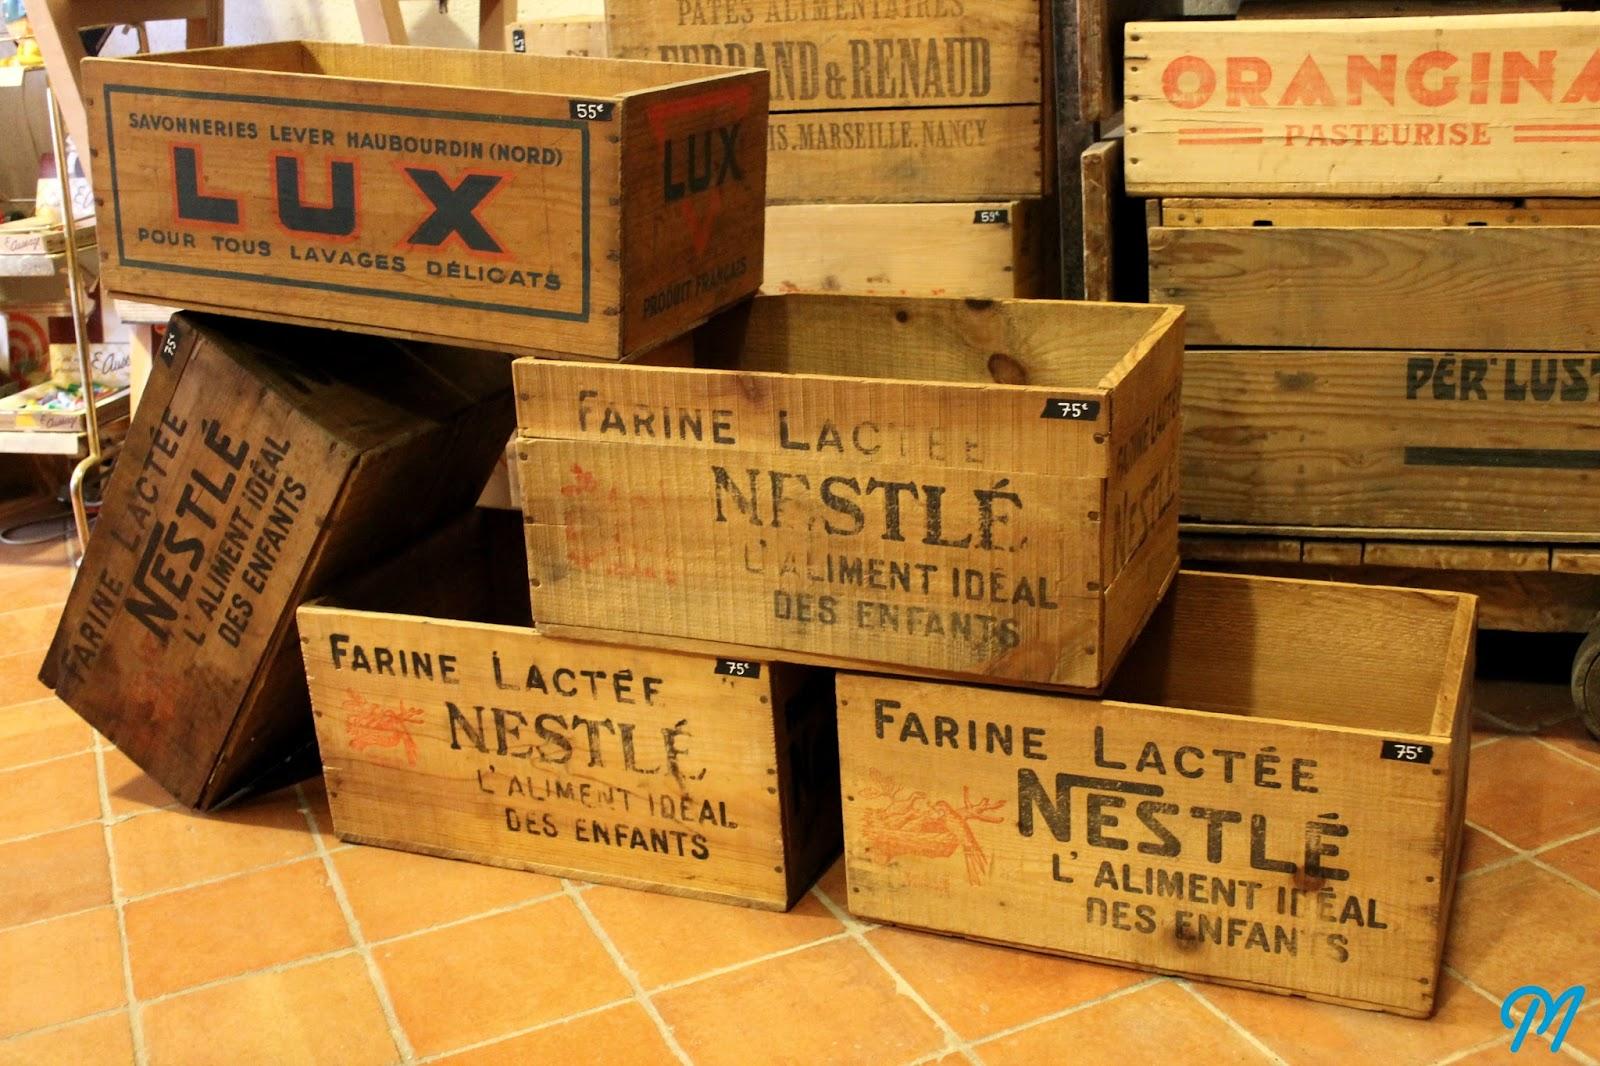 Caisse En Bois Ancienne : finir en beaut?: De tr?s belles caisses avec un joli lot de caisses